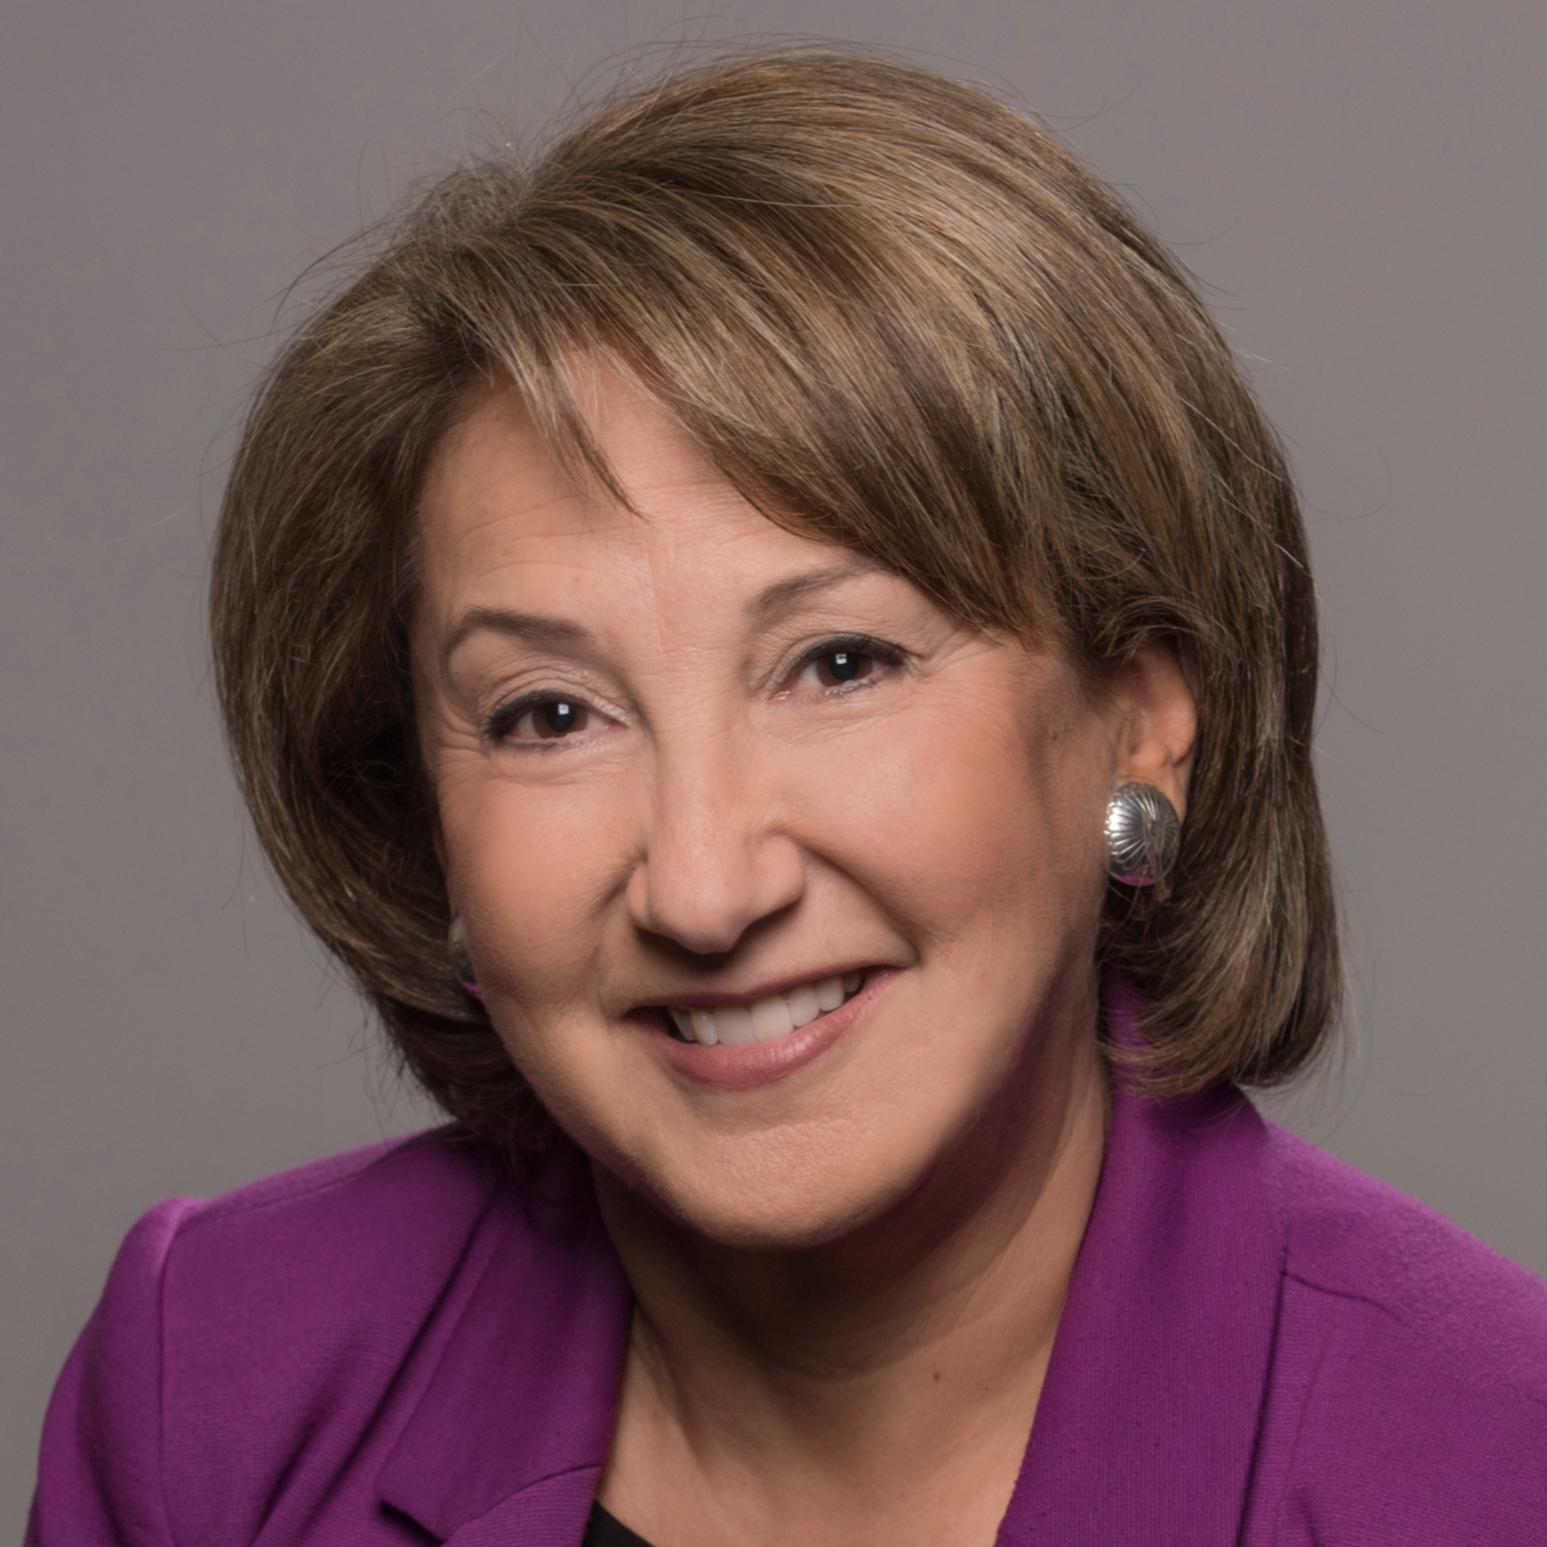 Headshot of Sari Horwitz